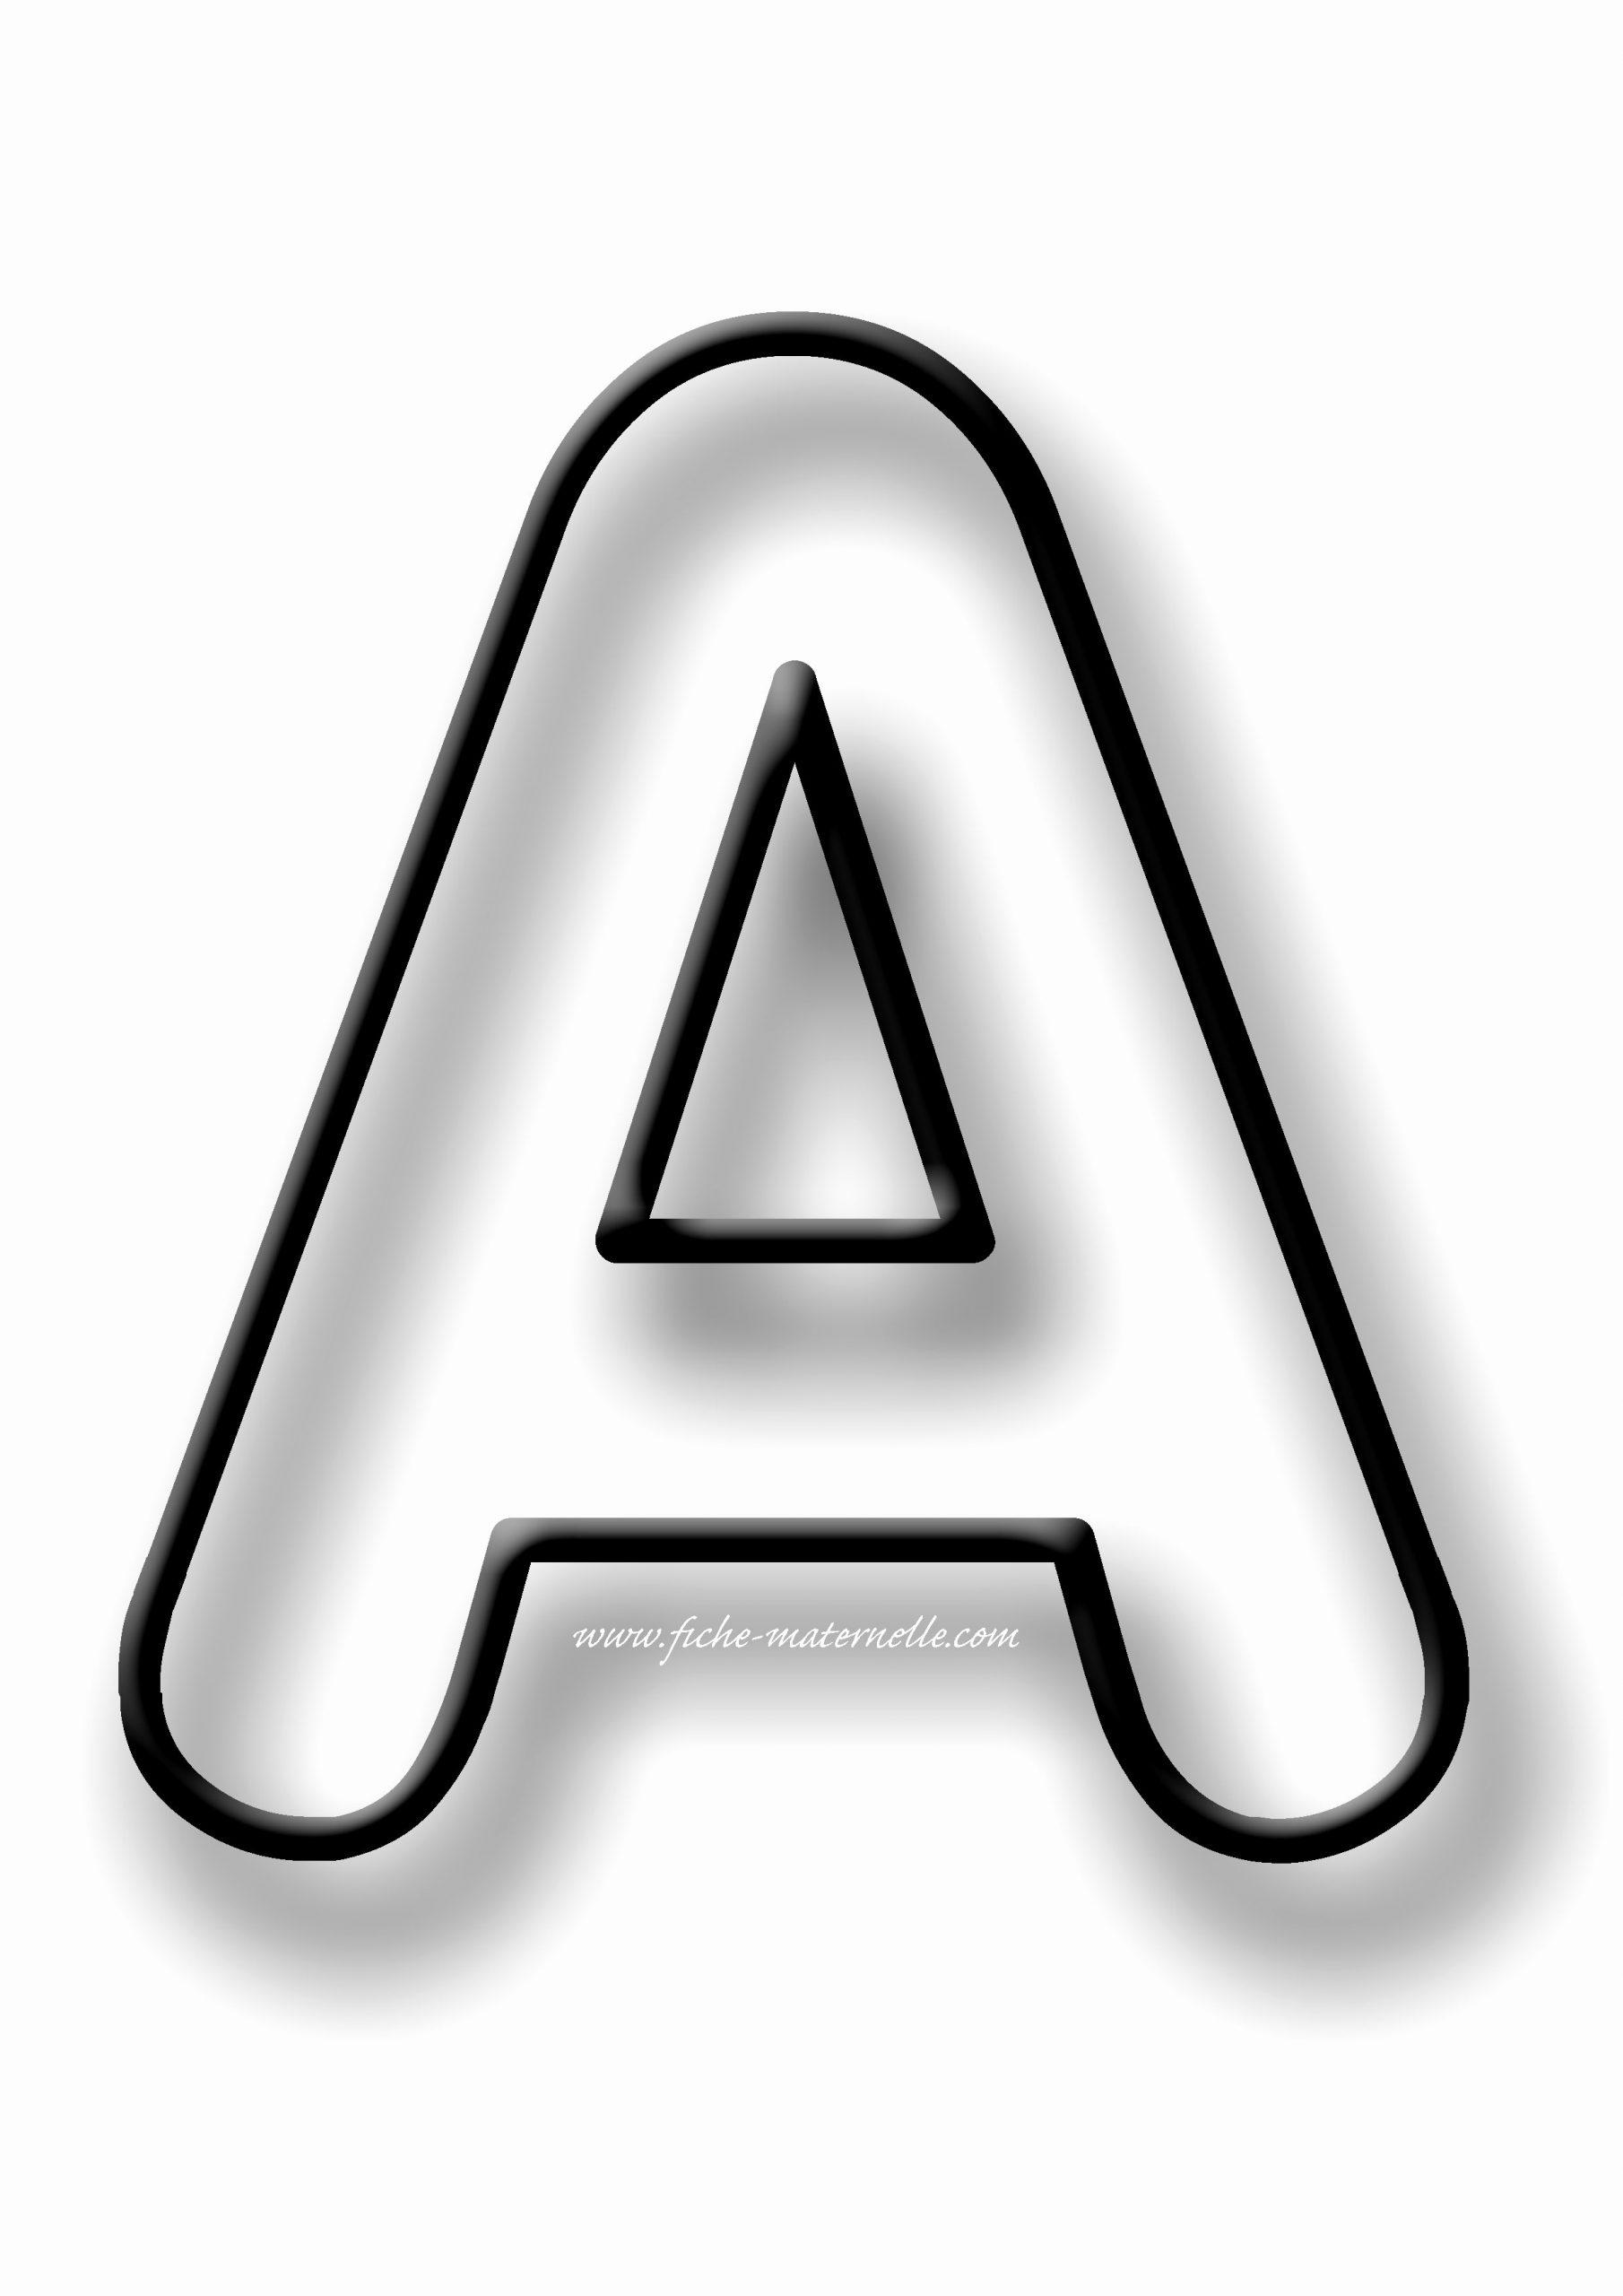 Pochoir A Imprimer Gratuit – Gamboahinestrosa concernant Lettre A Imprimer Gratuit